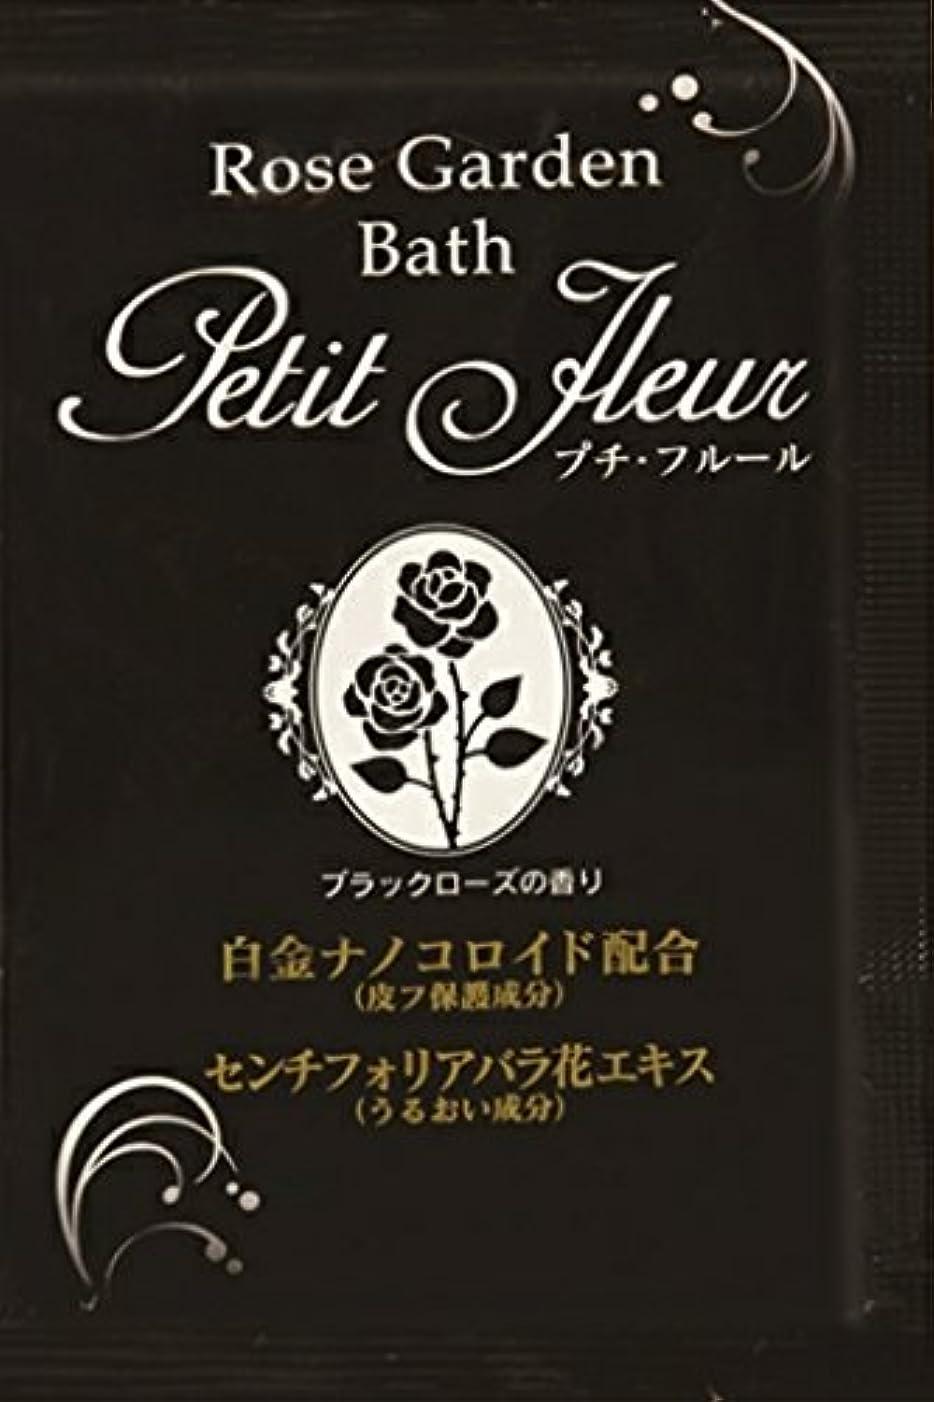 専ら服を洗うガム入浴剤 プチフル-ル(ブラックロ-ズの香り)20g